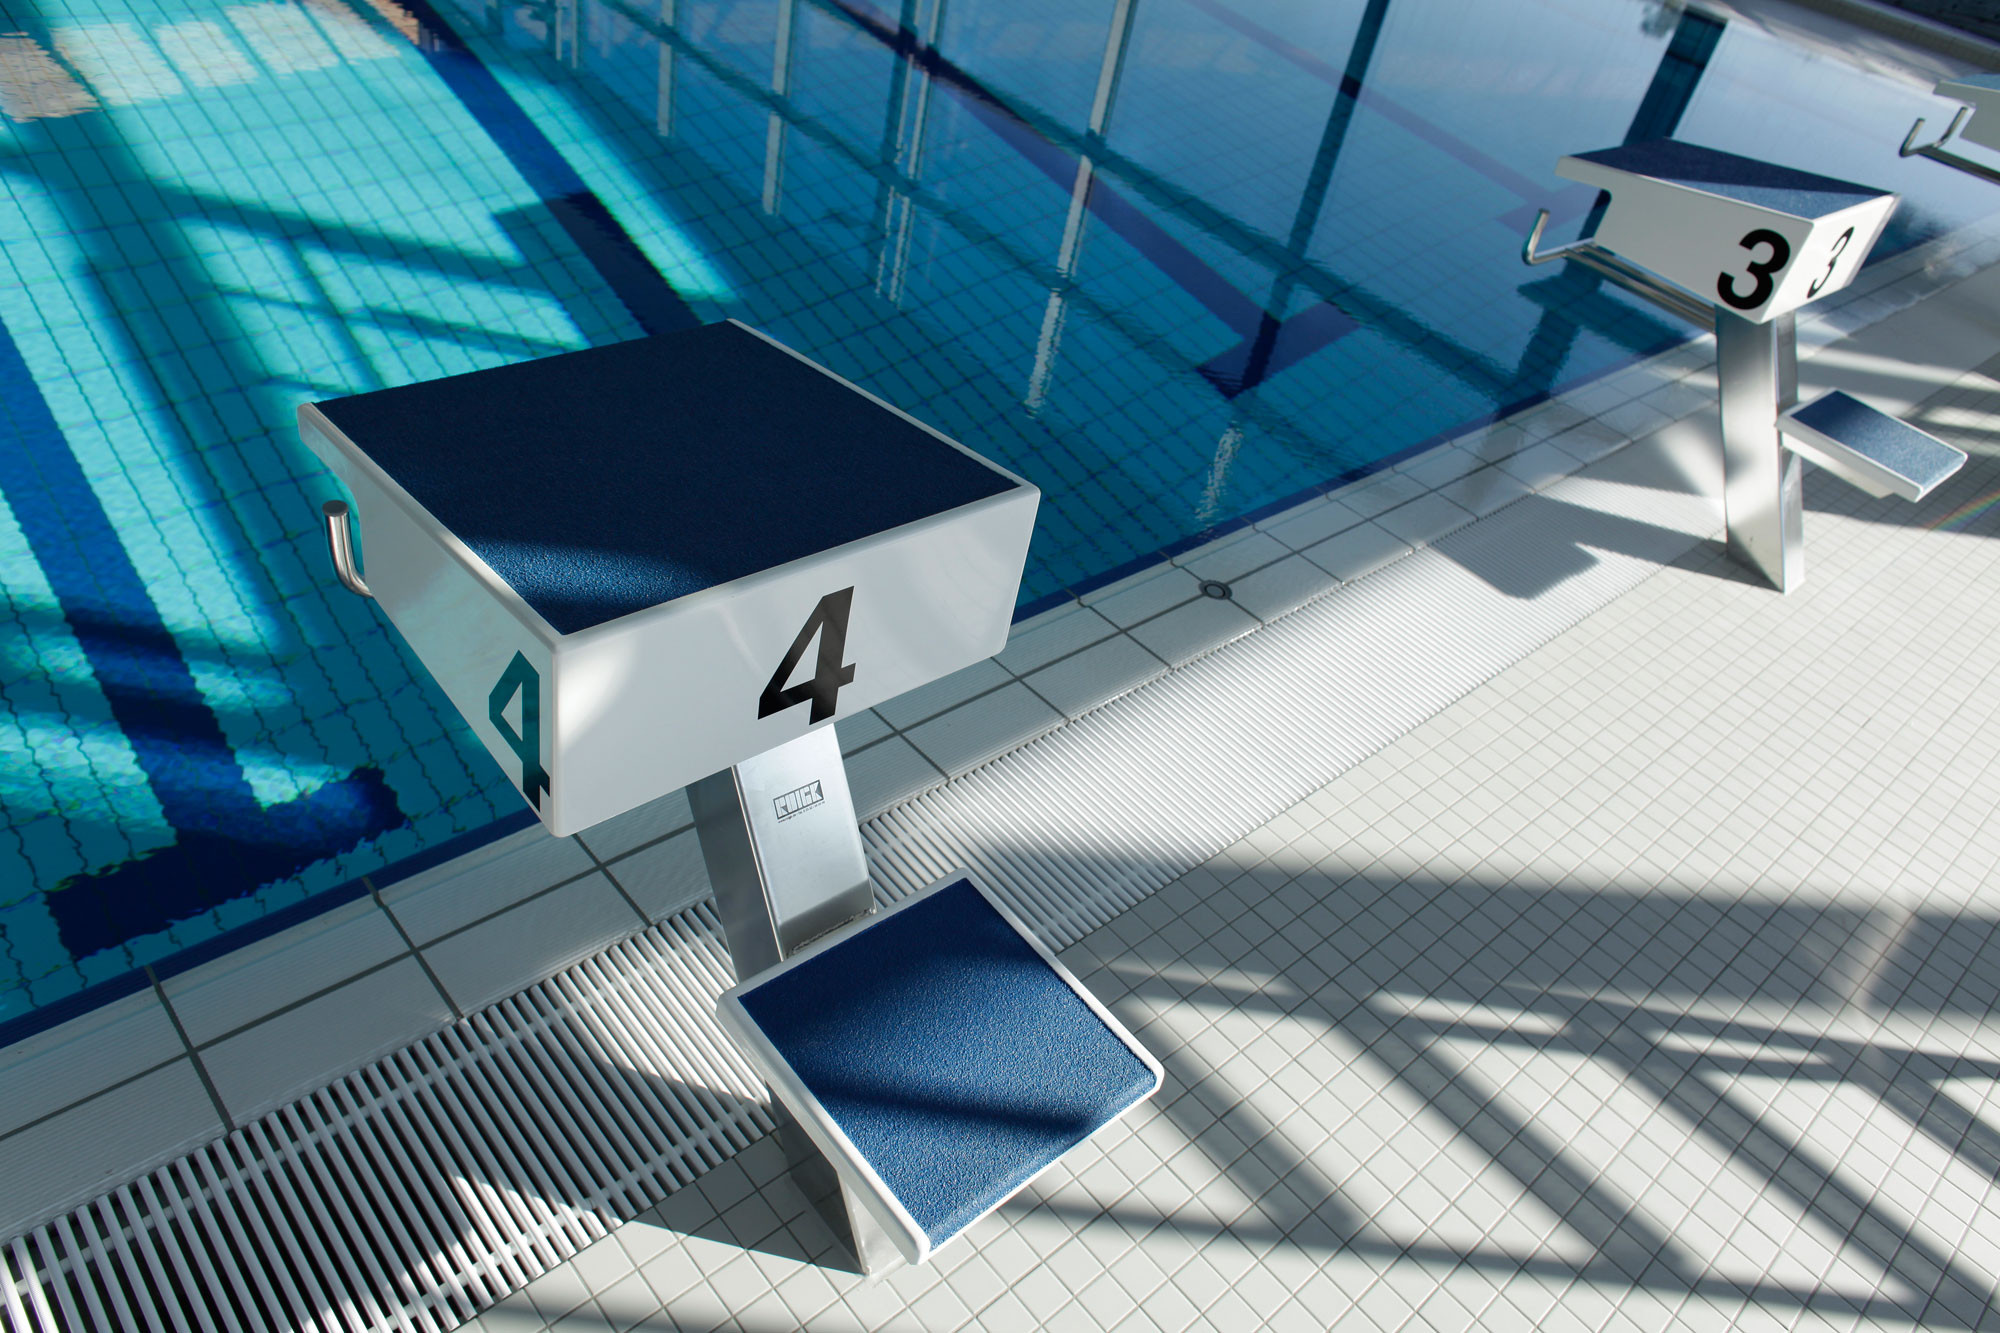 sch den im schwimmbadbau vermeiden fliesen und platten. Black Bedroom Furniture Sets. Home Design Ideas